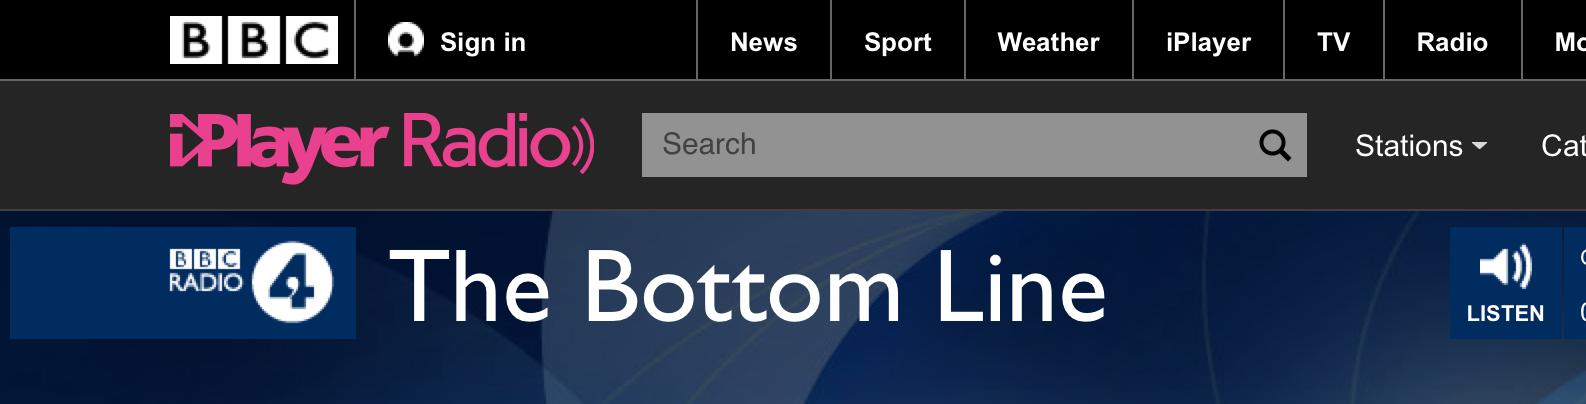 BBC 4 bottom line